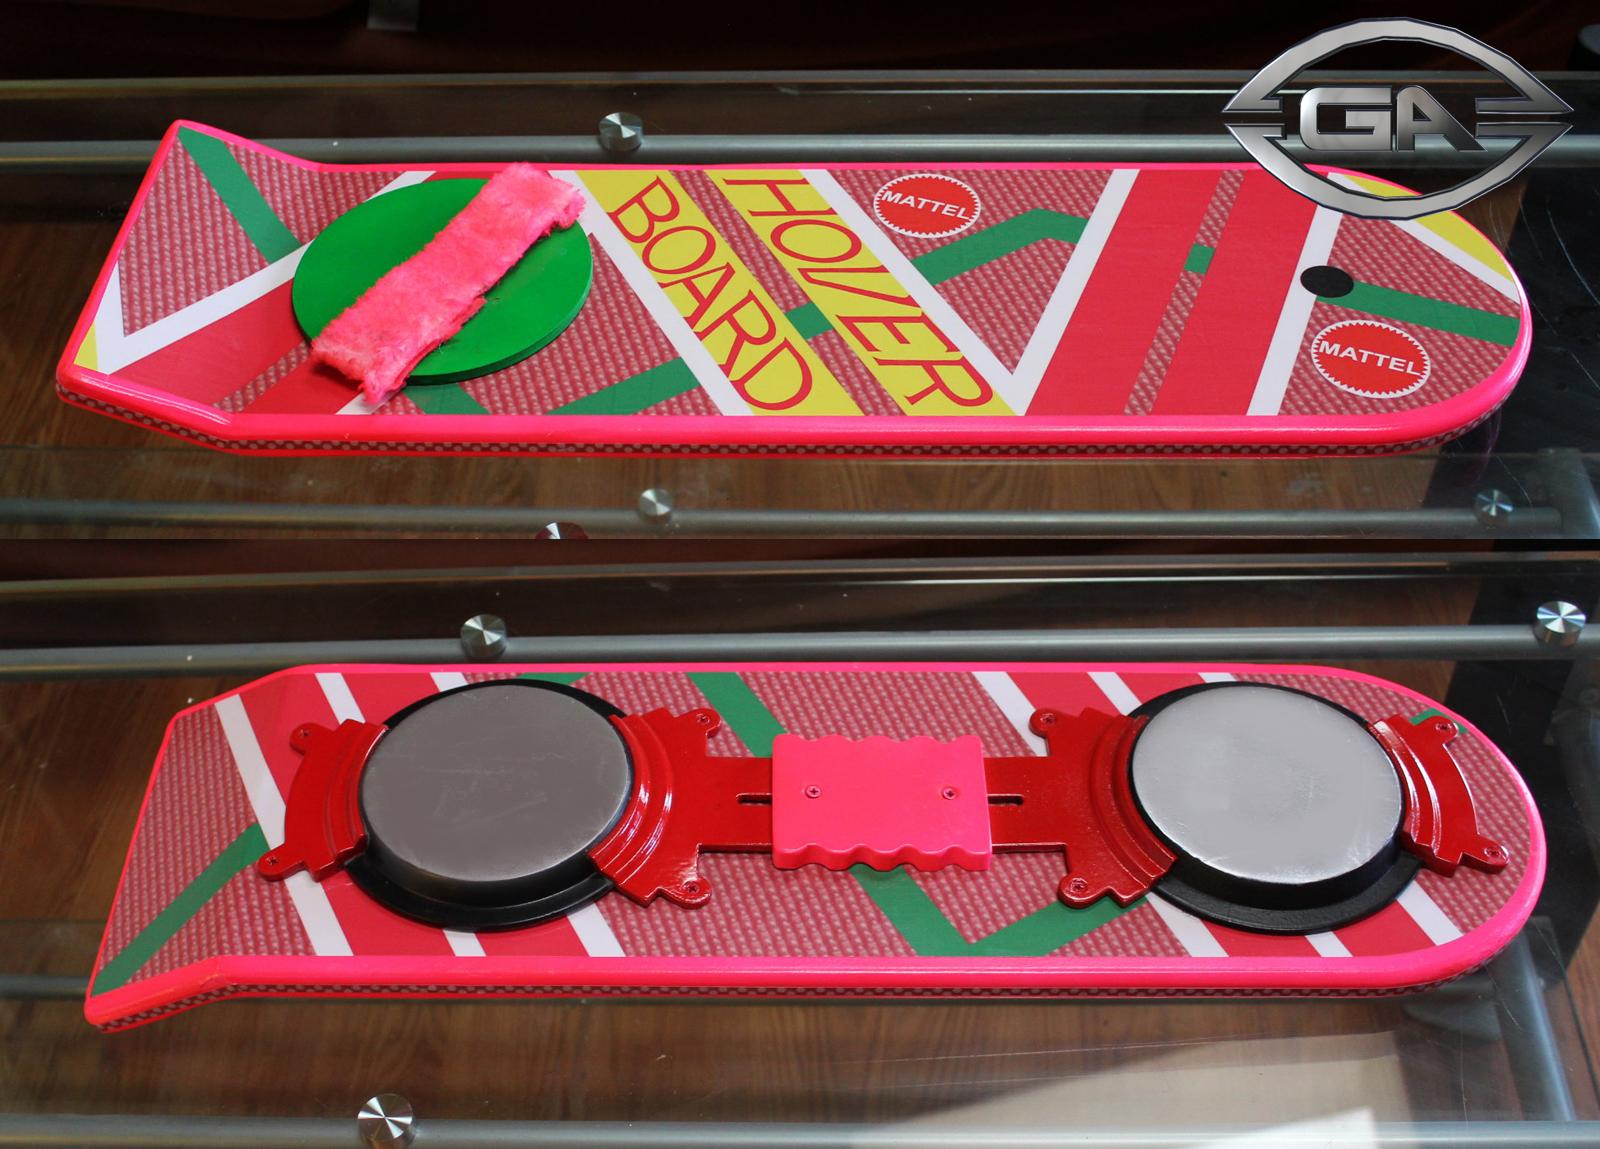 Marty Hoverboard Marty Hoverboard Prop Replicas